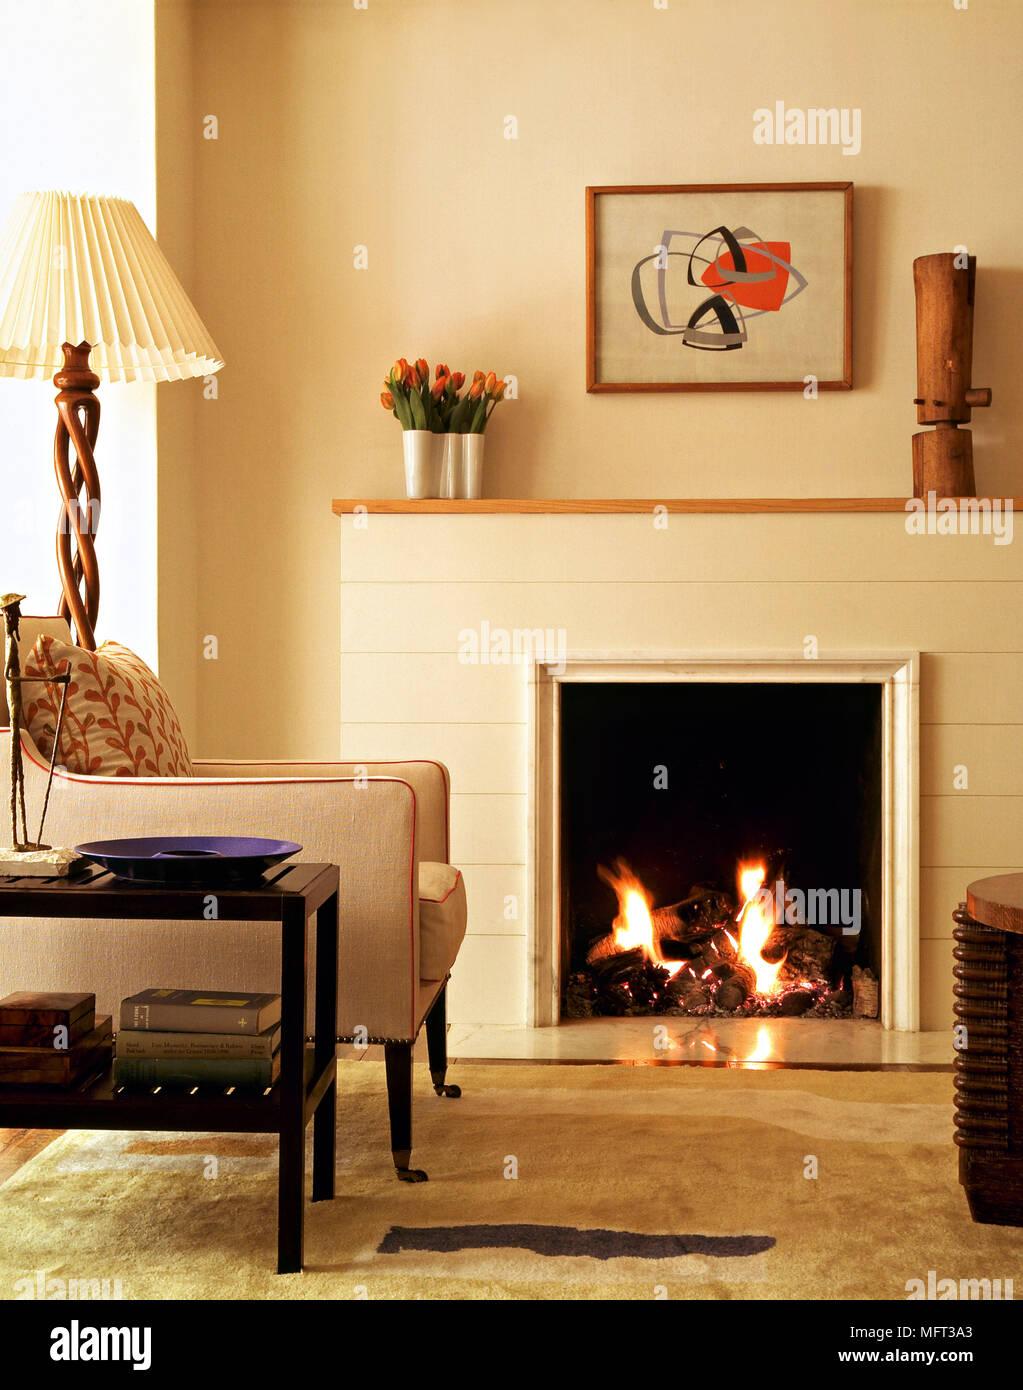 Schon Moderne Neutral Wohnzimmer Kamin Feuer Gepolstertem Sessel Beistelltisch  Offener Standard Lampe Innenräume Zimmer Kamine Retro Möbel Feuer